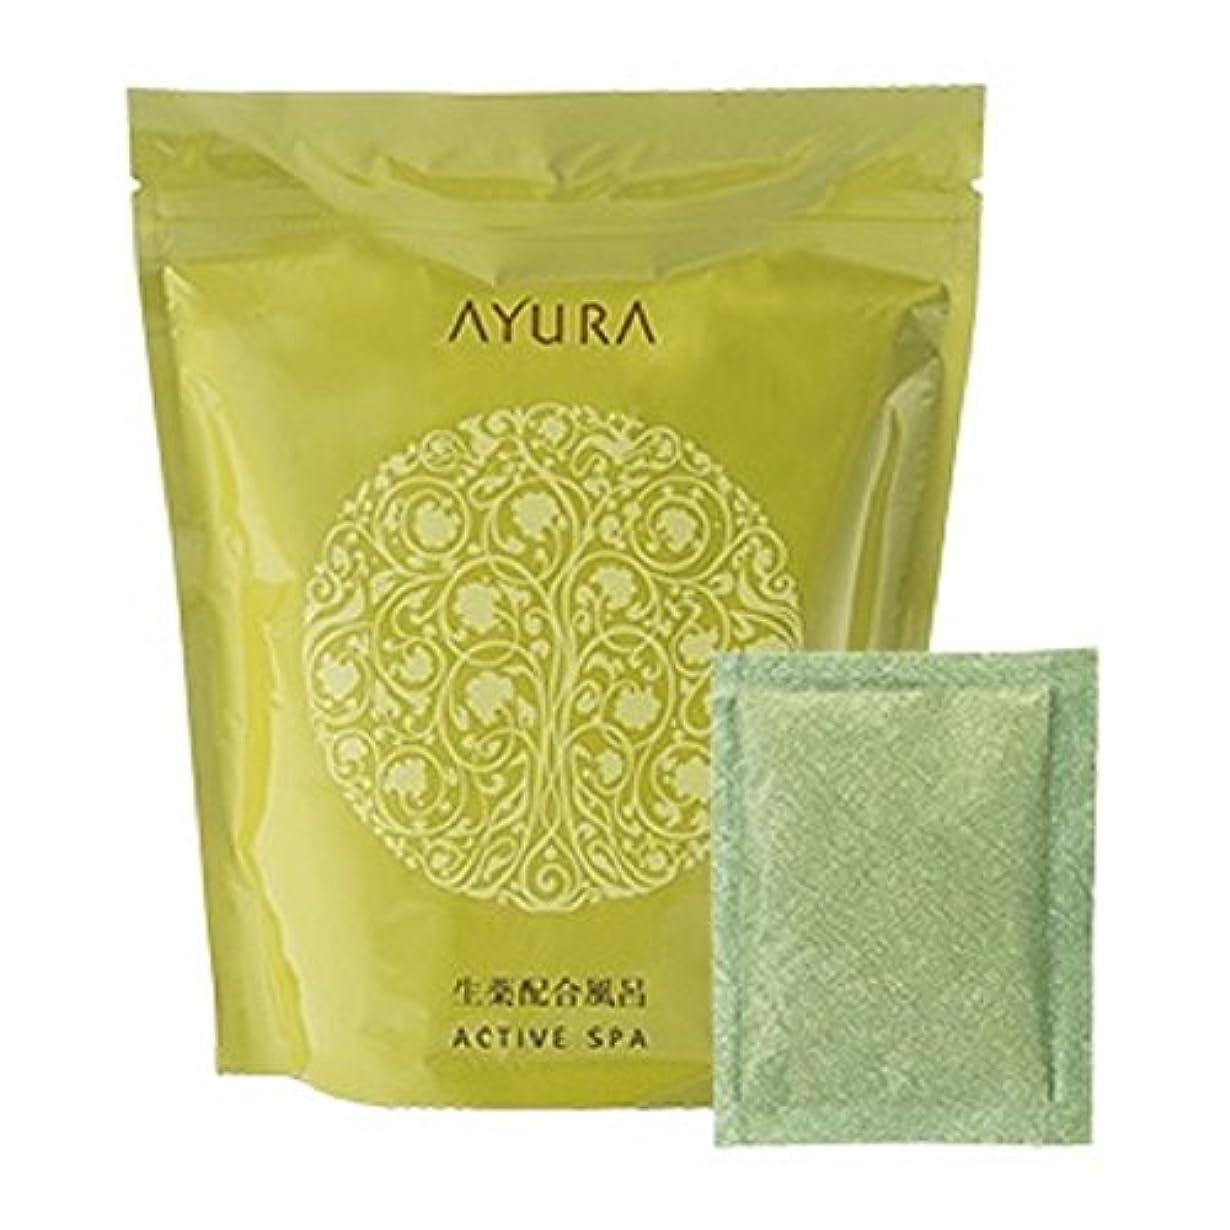 形成ペチュランス虫を数えるアユーラ (AYURA) アクティブスパα 30g 10包入 (医薬部外品) 〈薬用 入浴剤〉